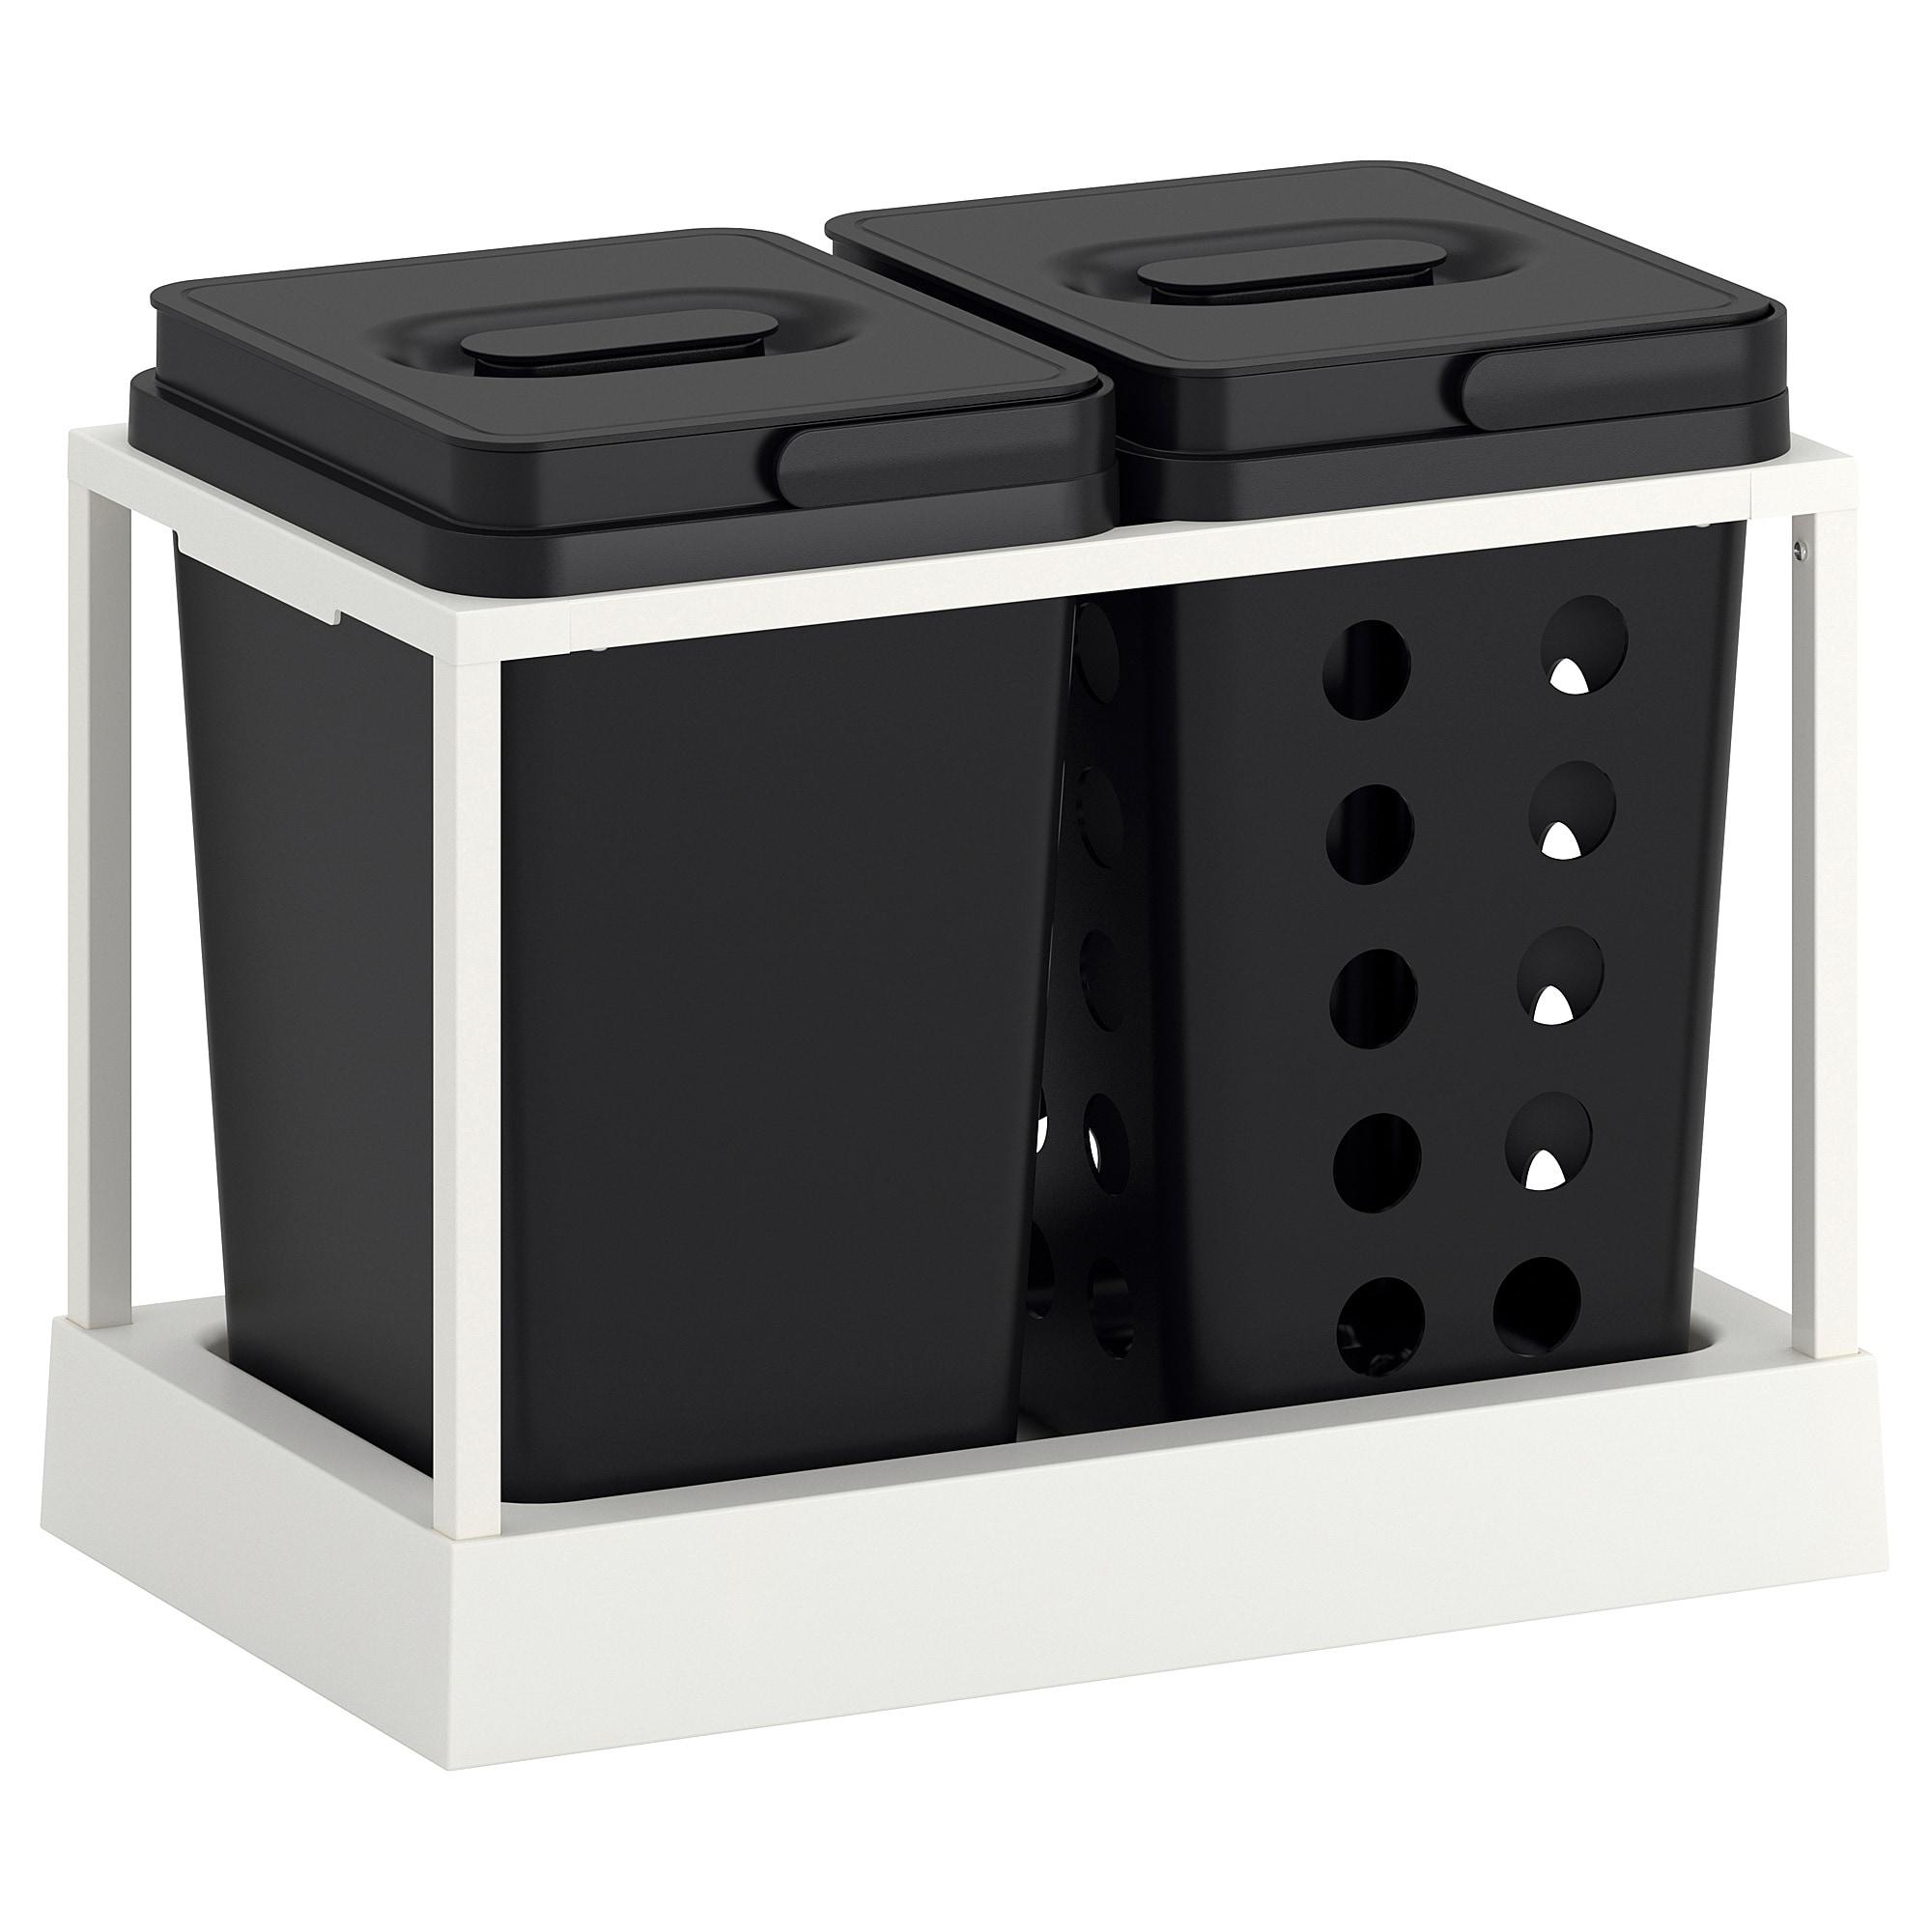 Cubo Basura Extraible Ikea Nkde Variera Utrusta Sistema De Reciclado Para Armario 26 Cm 22 L Ikea